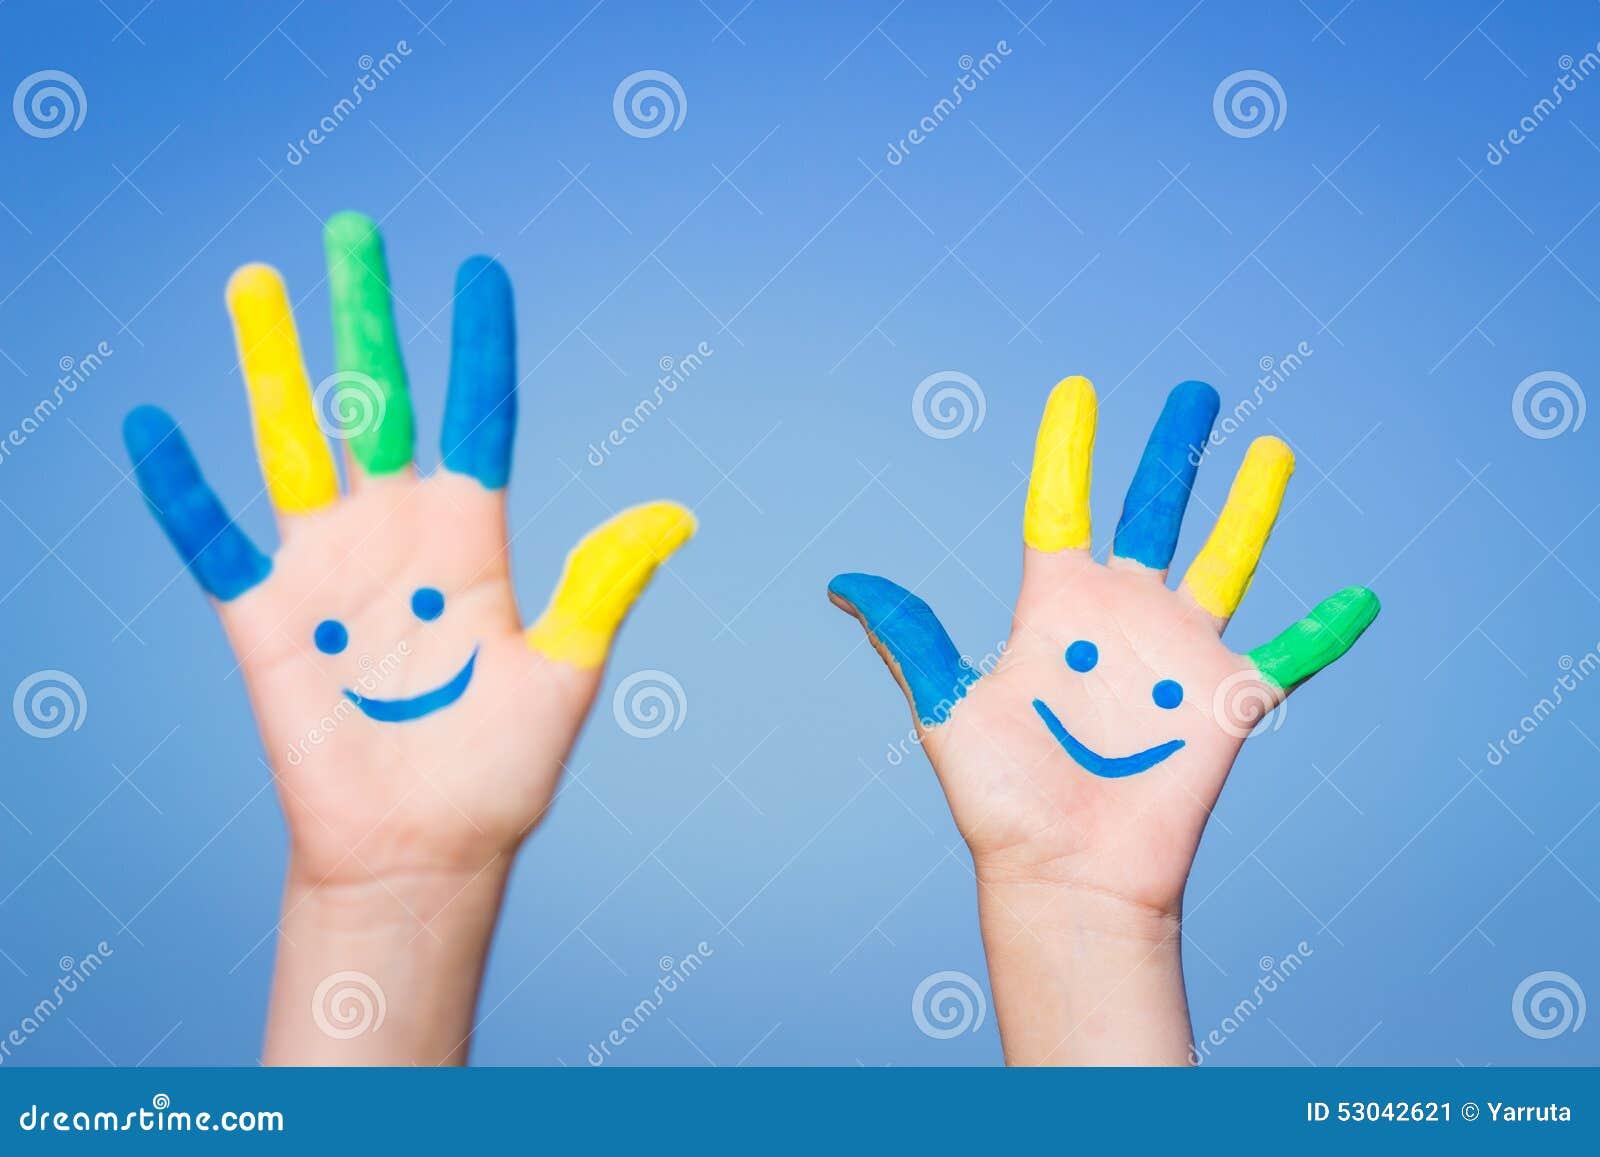 Szczęśliwe smiley ręki